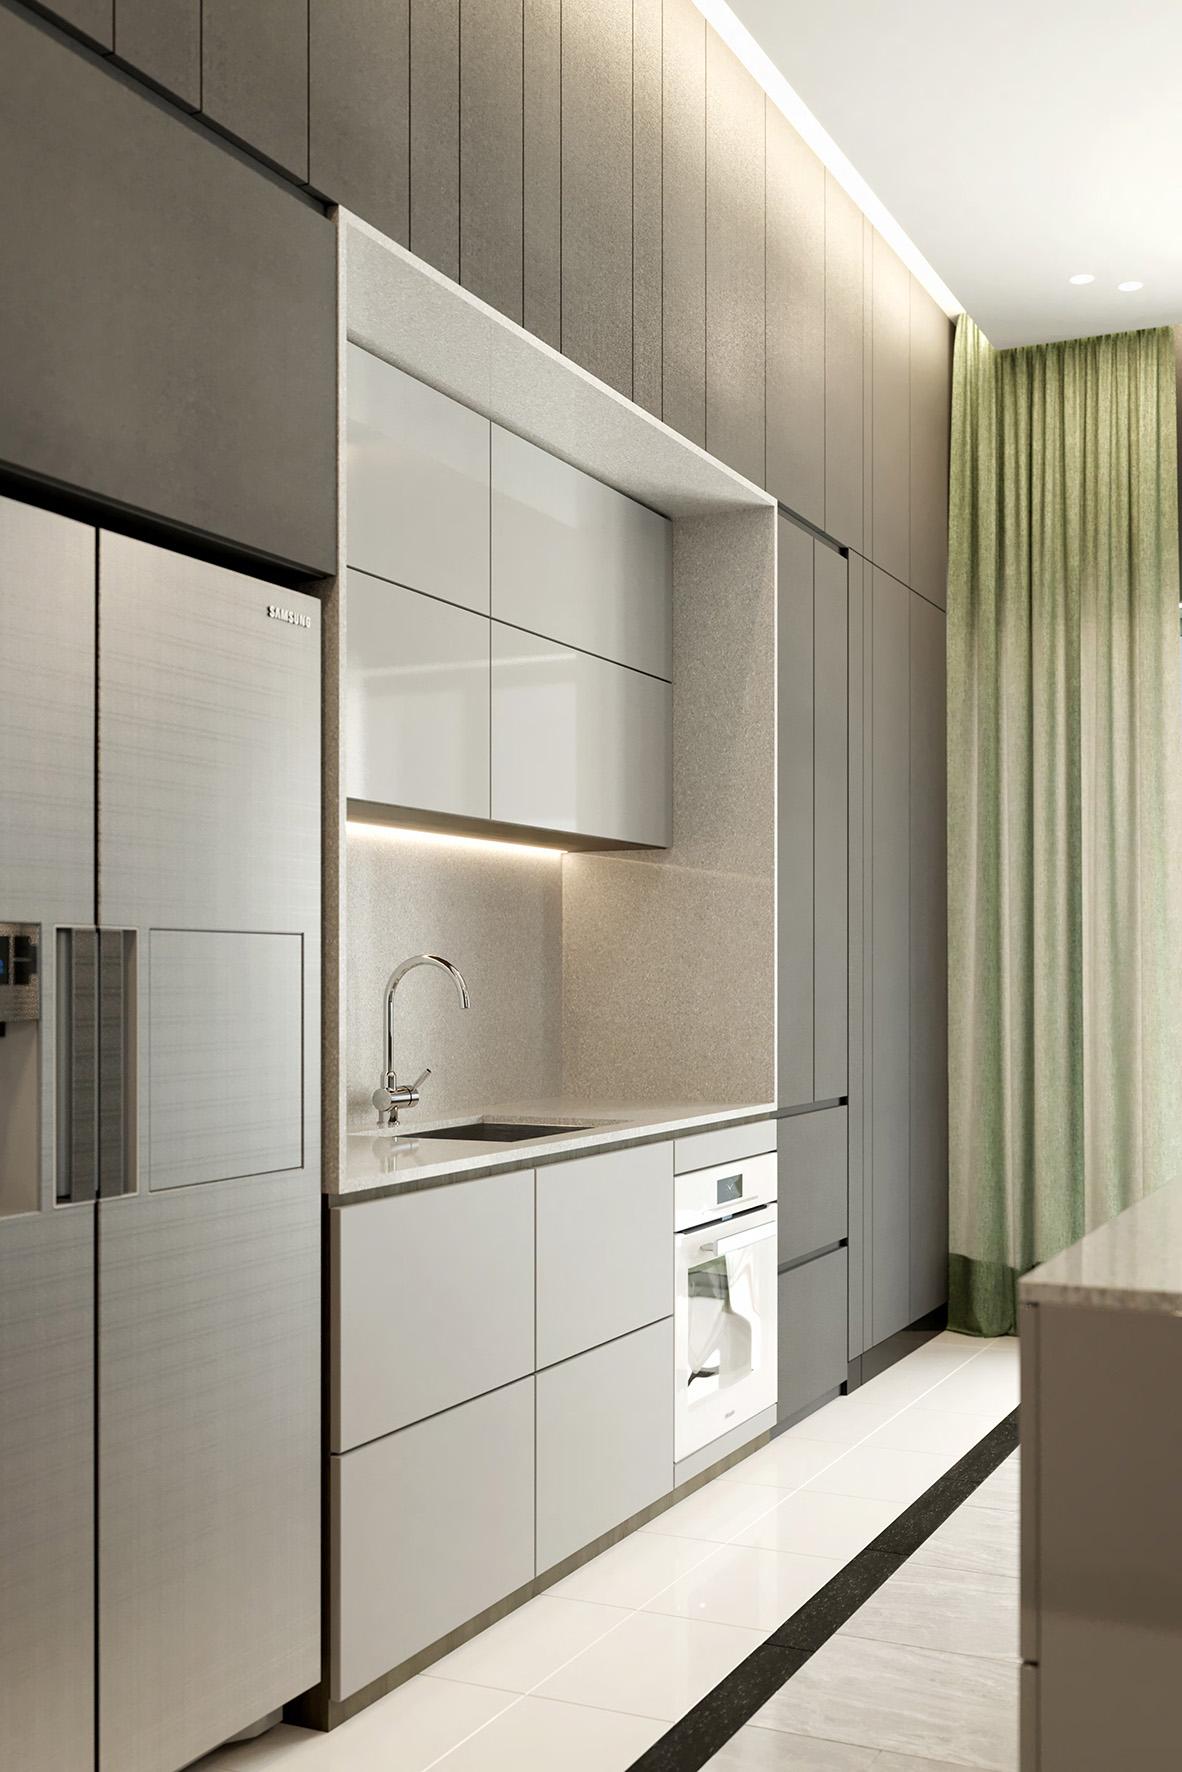 LV110 Dry Kitchen